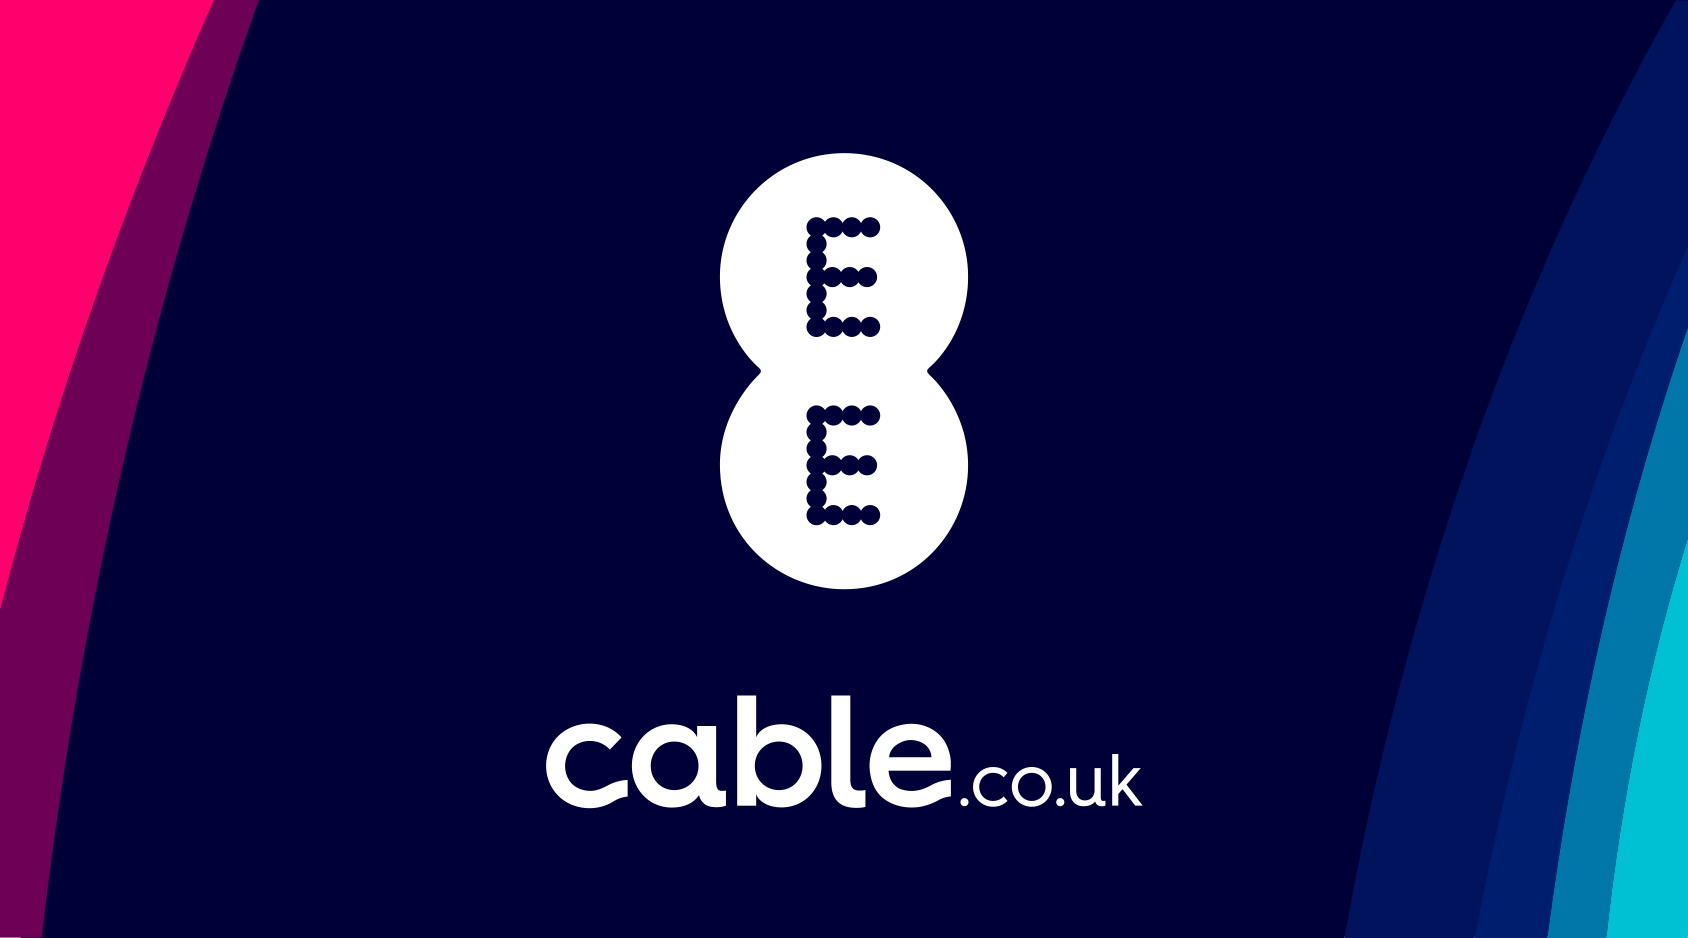 Best EE broadband deals – Cable.co.uk